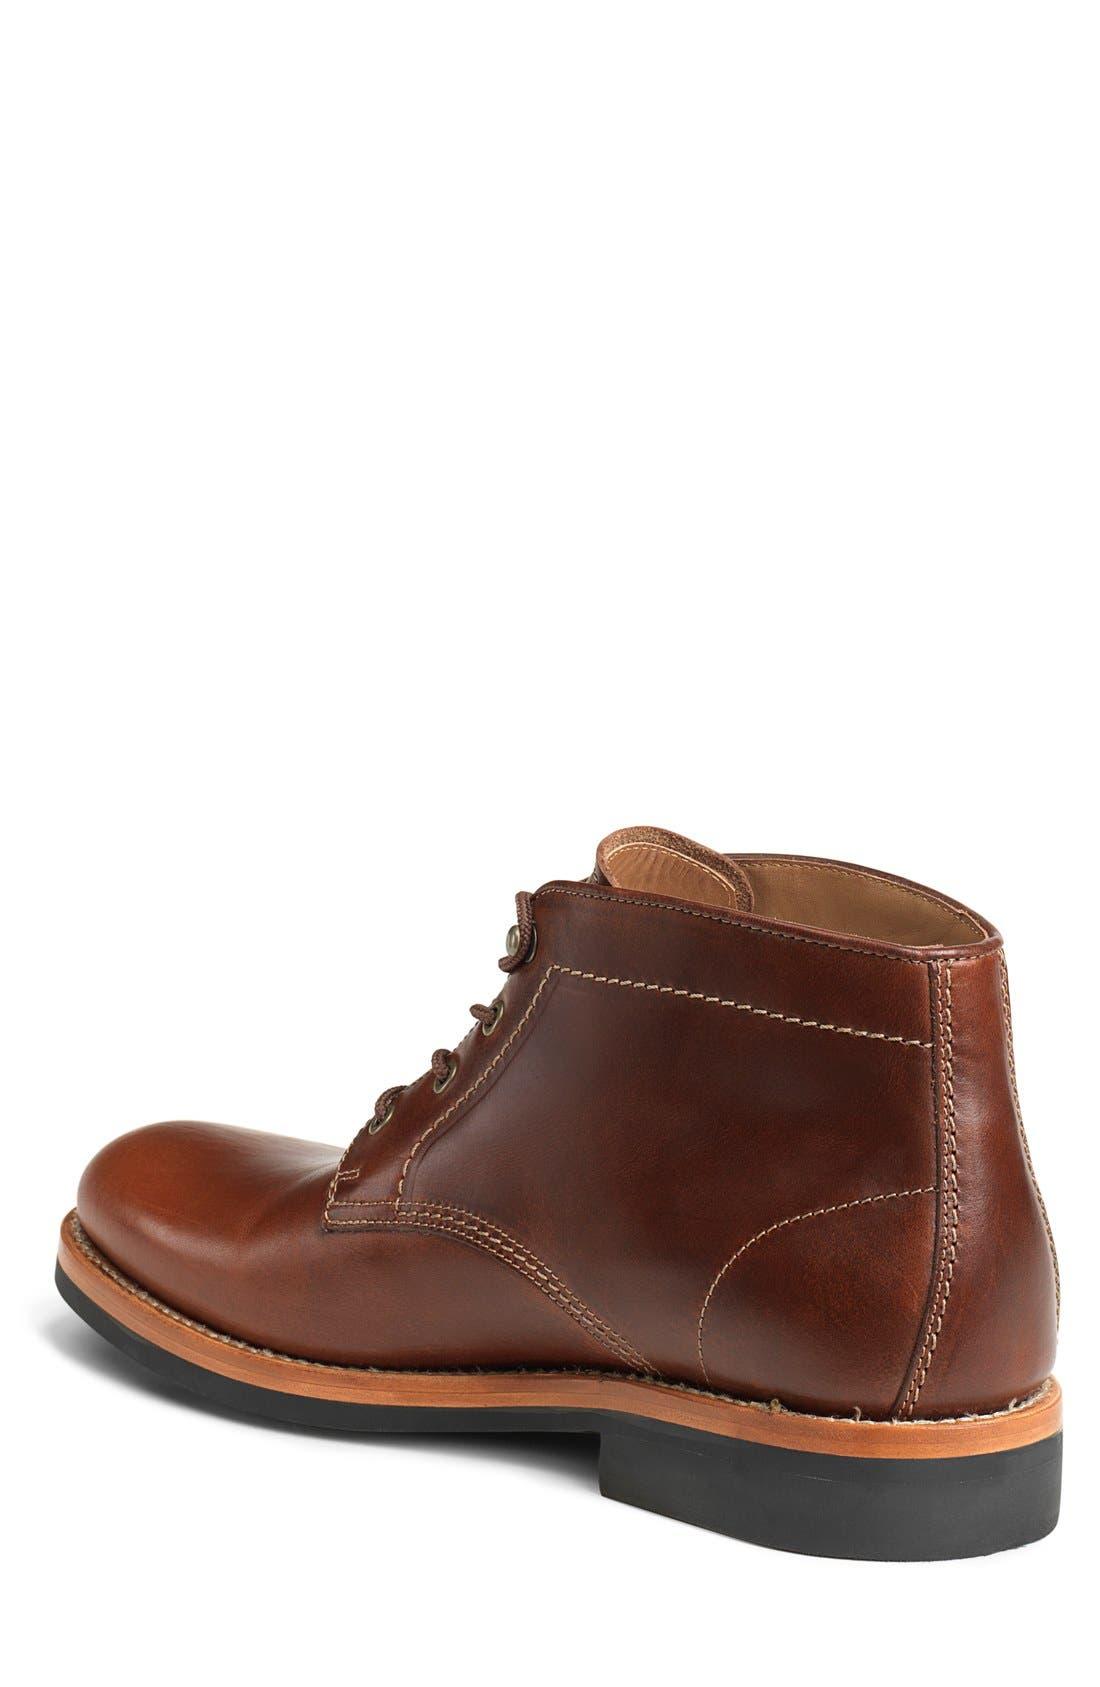 'Irving Mid' Plain Toe Boot,                             Alternate thumbnail 4, color,